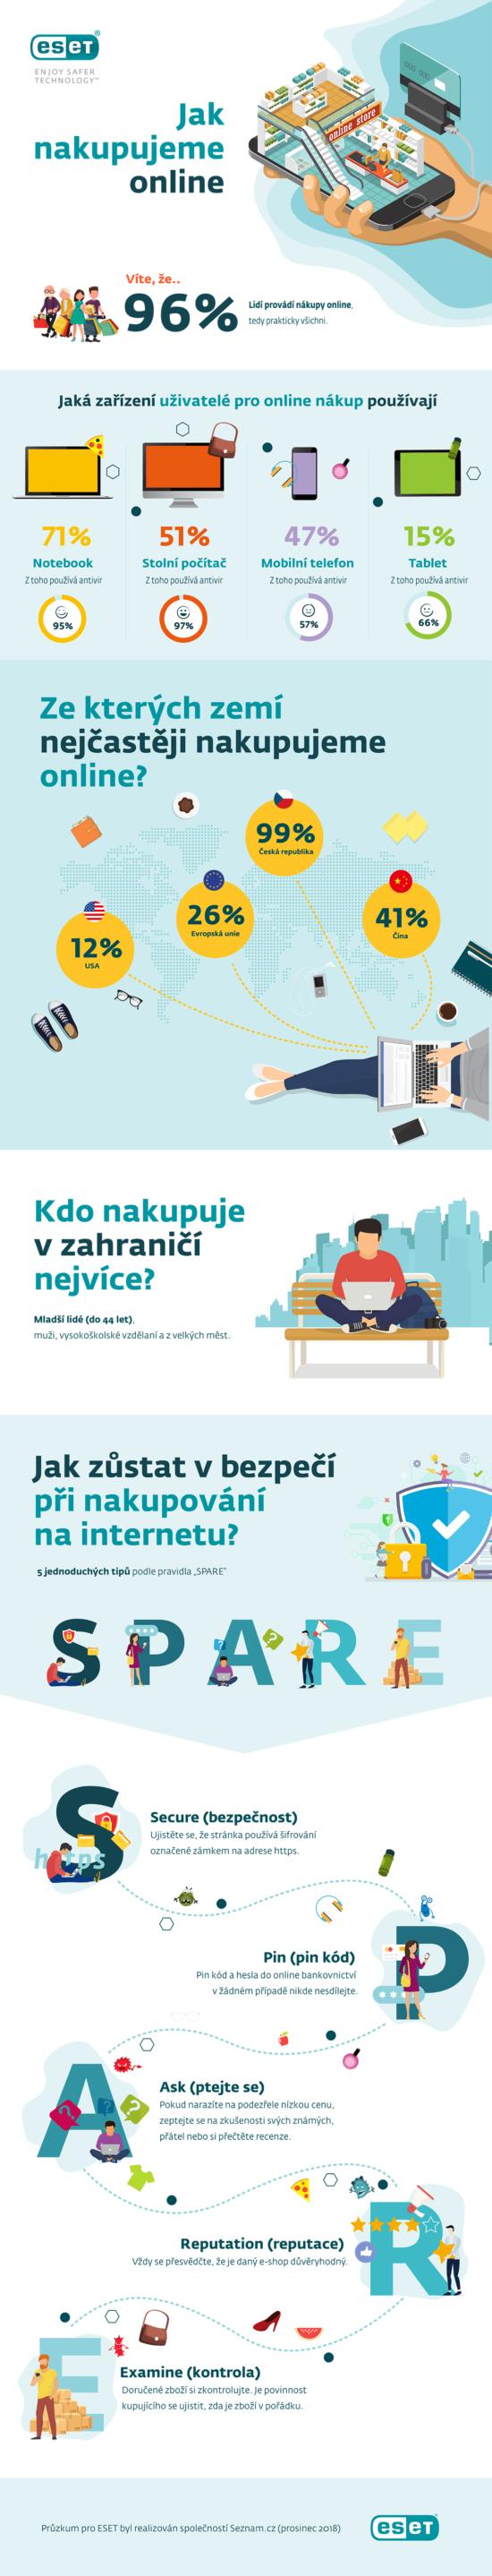 Jak Češi nakupují online.